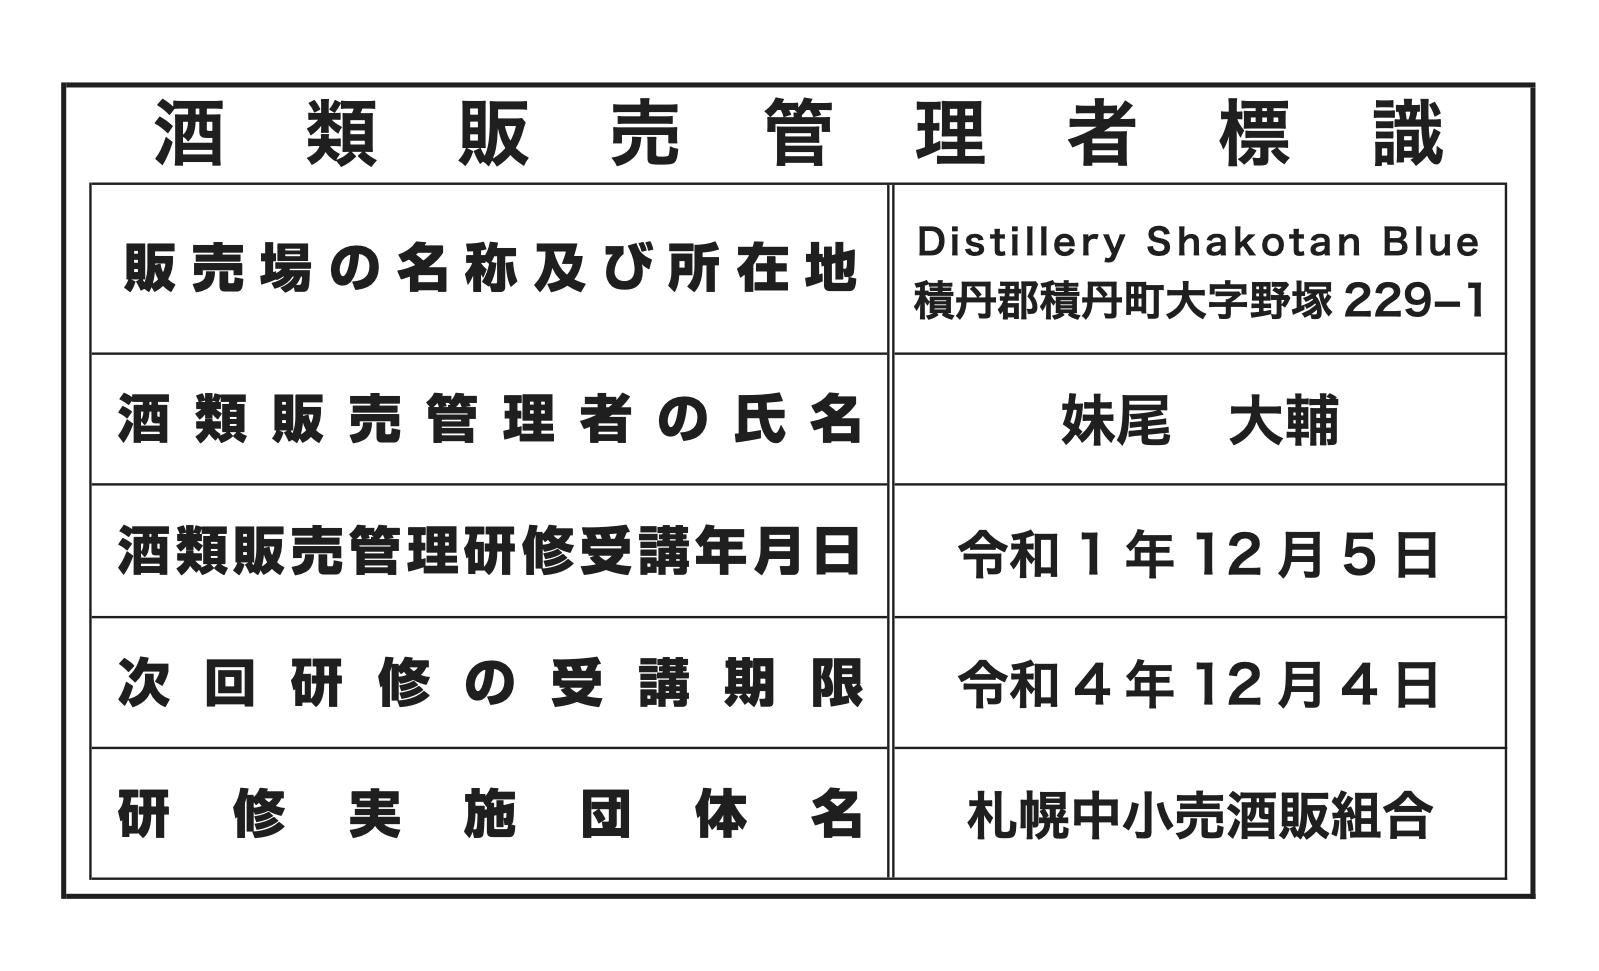 酒類販売管理者標識